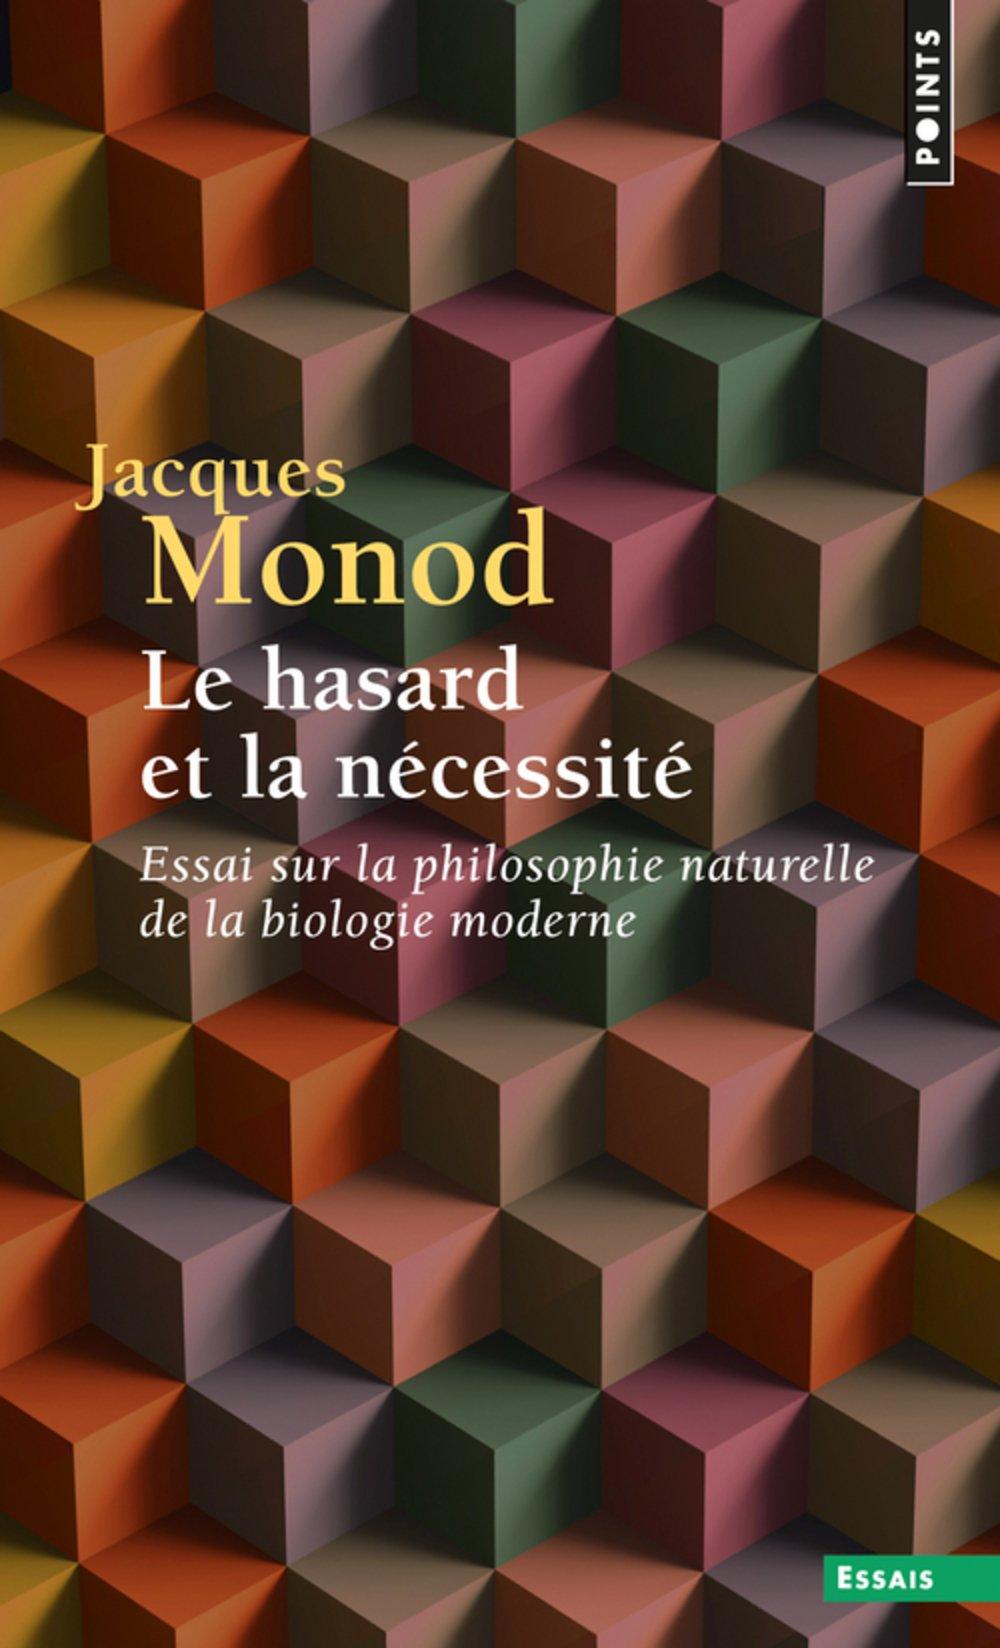 Le Hasard et la Nécessité. Essai sur la philosophie naturelle de la biologie moderne Broché – 1 octobre 1970 Jacques Monod Seuil 2020028123 VI-2020028123